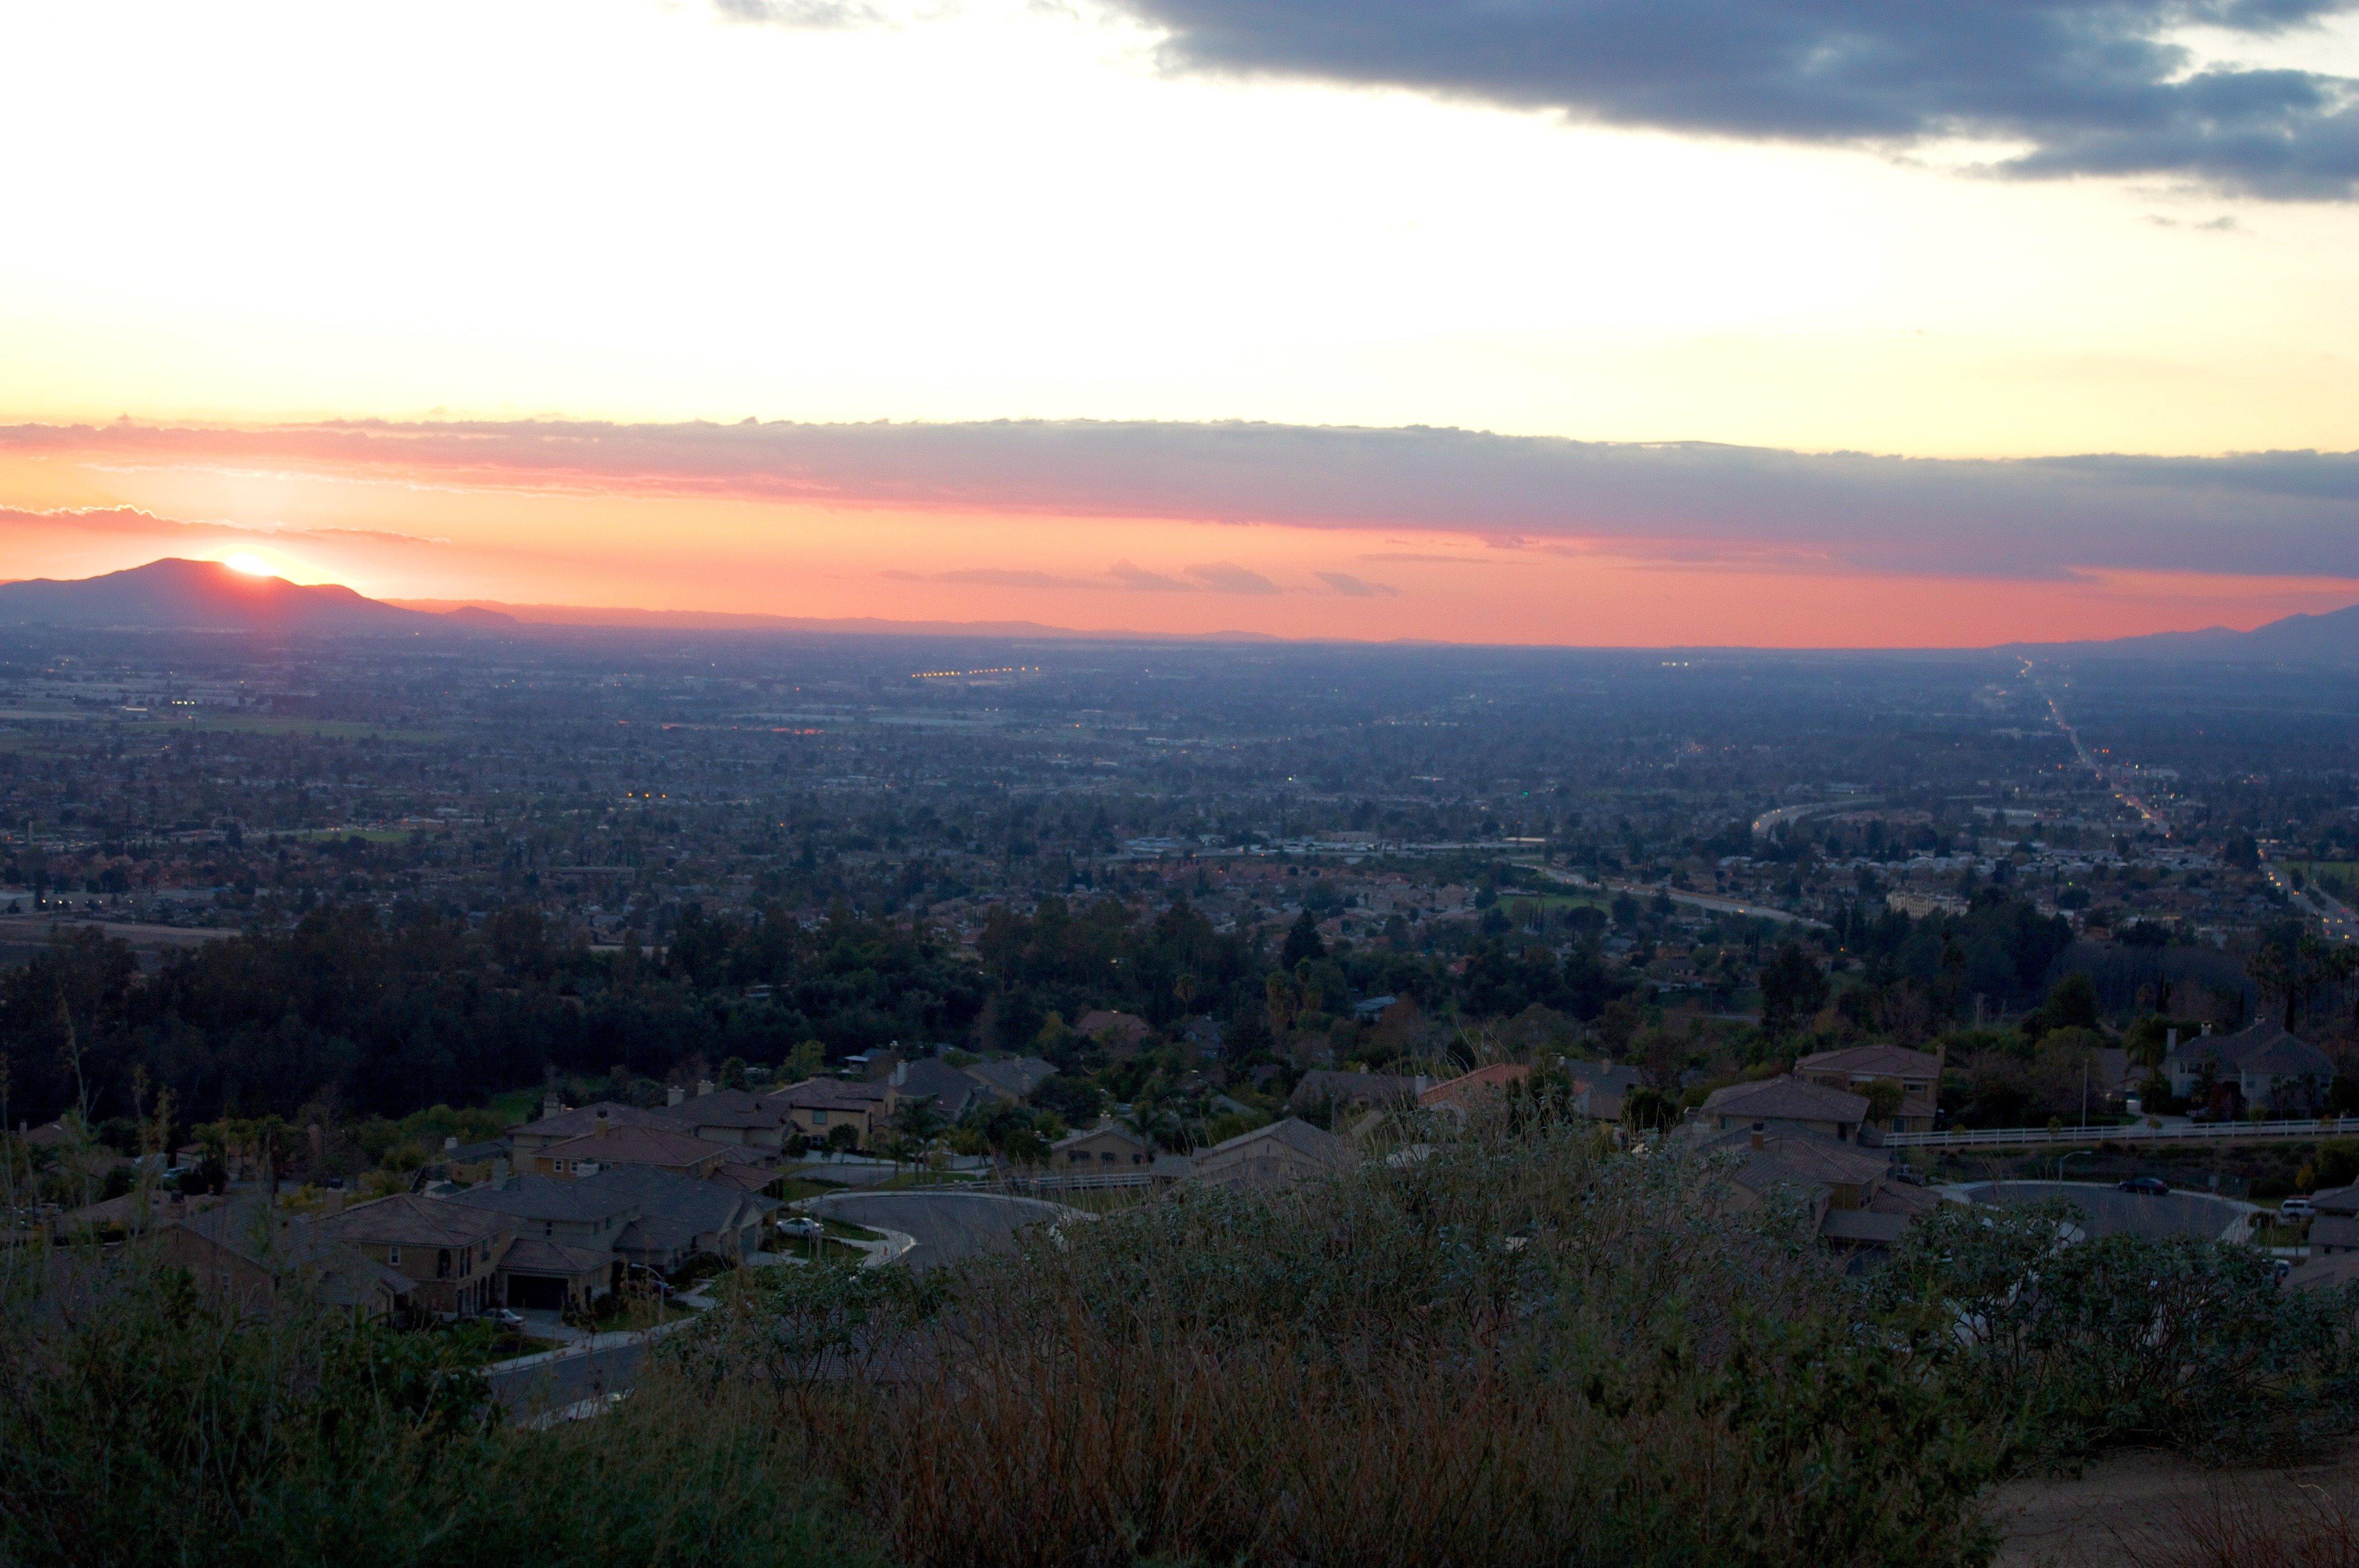 A Different View of San Bernardino